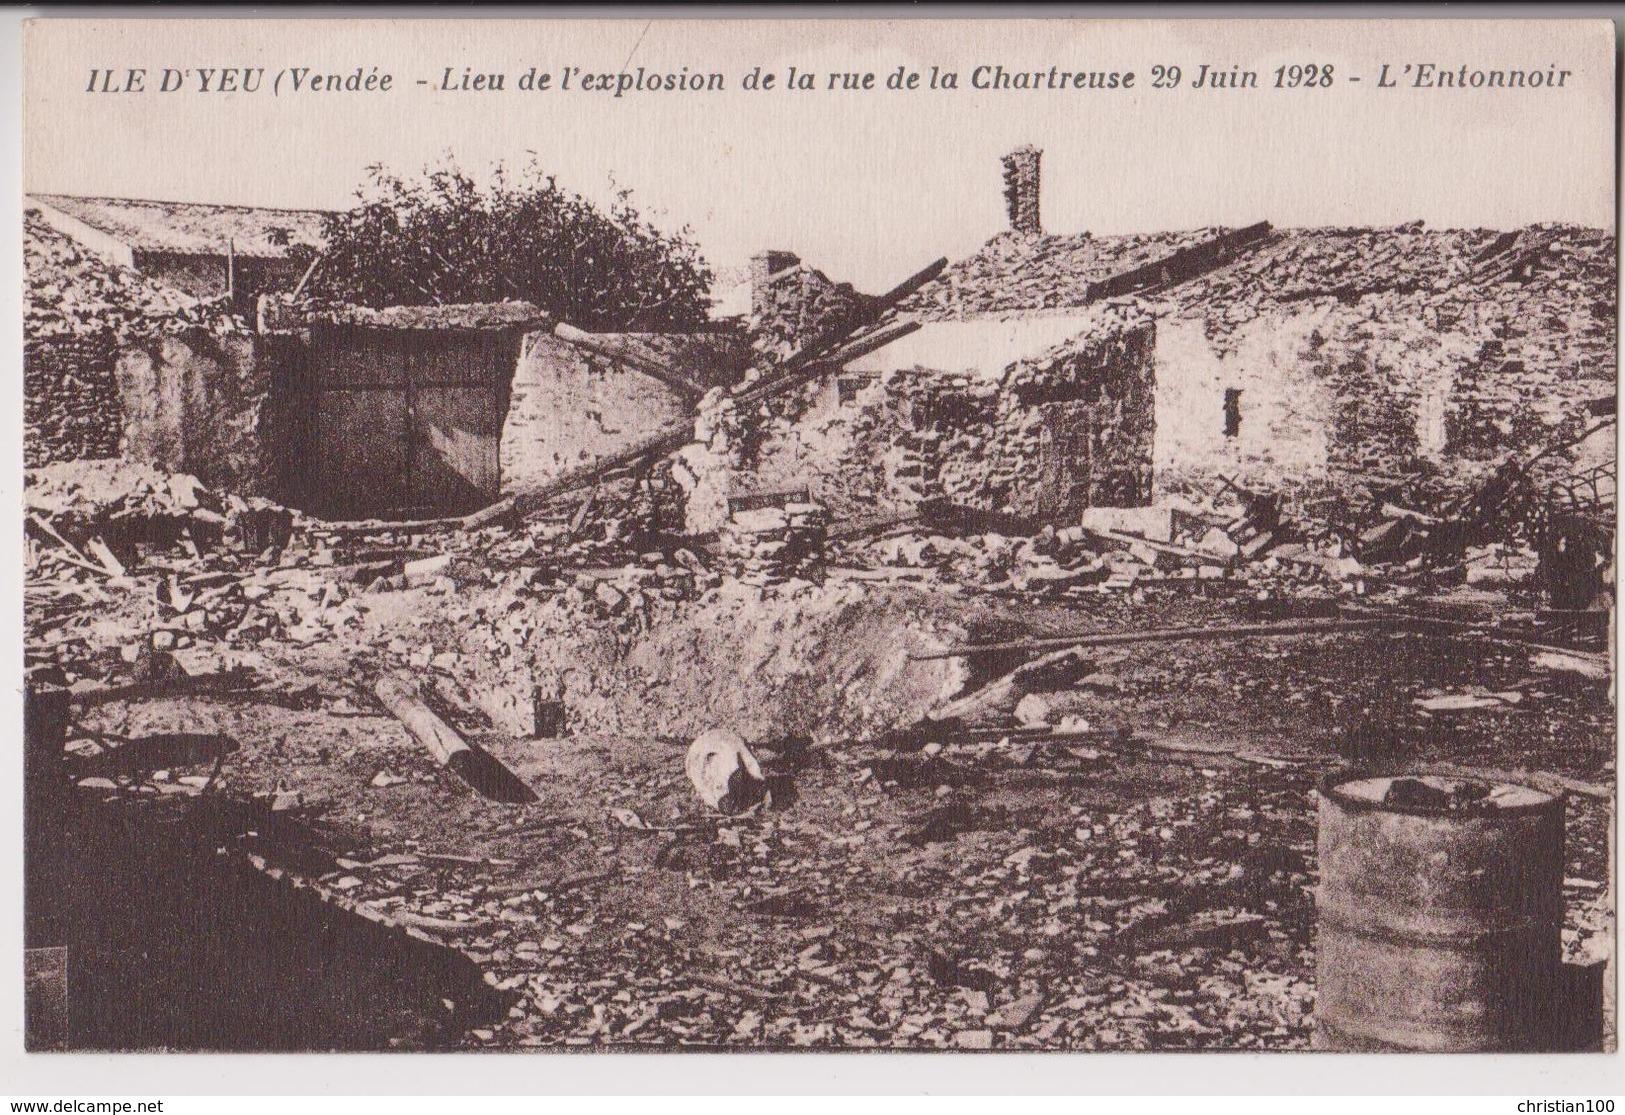 ILE D'YEU (85) : RUE DE LA CHARTREUSE A PORT JOINVILLE - EXPLOSION D'UN DEPOT DE MUNITIONS - JUIN 1928 - RARE -* 2 SCANS - Ile D'Yeu